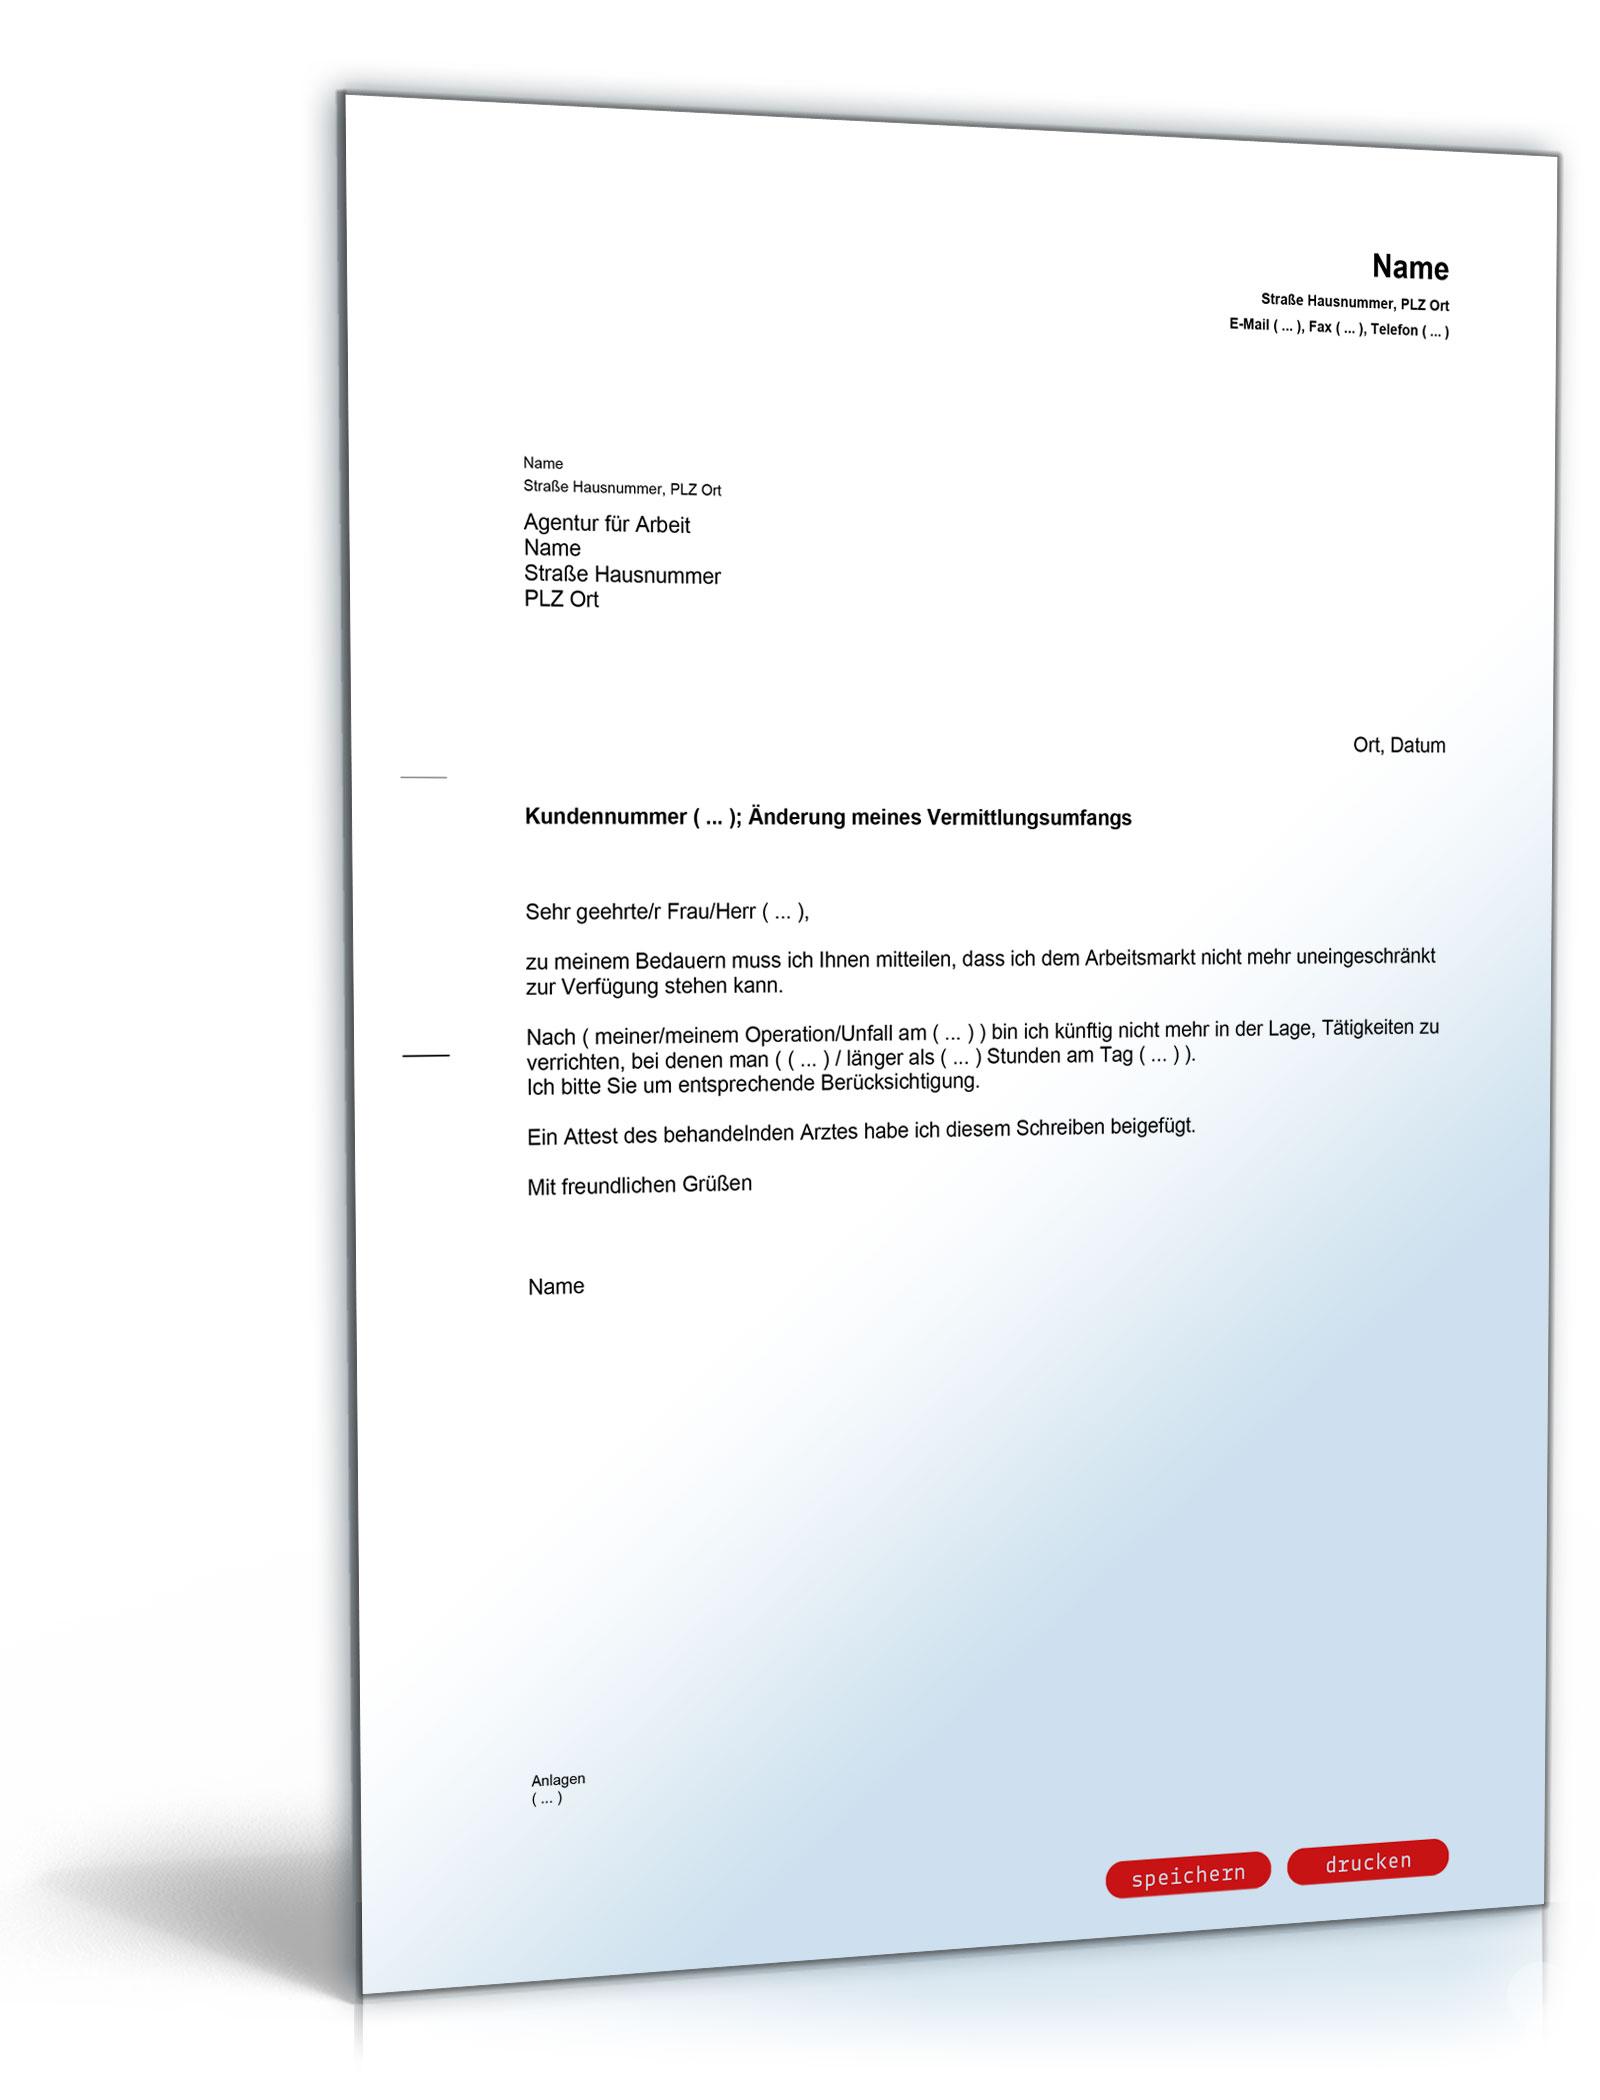 Mitteilung an die Agentur für Arbeit (Änderung des Vermittlungsumfanges)